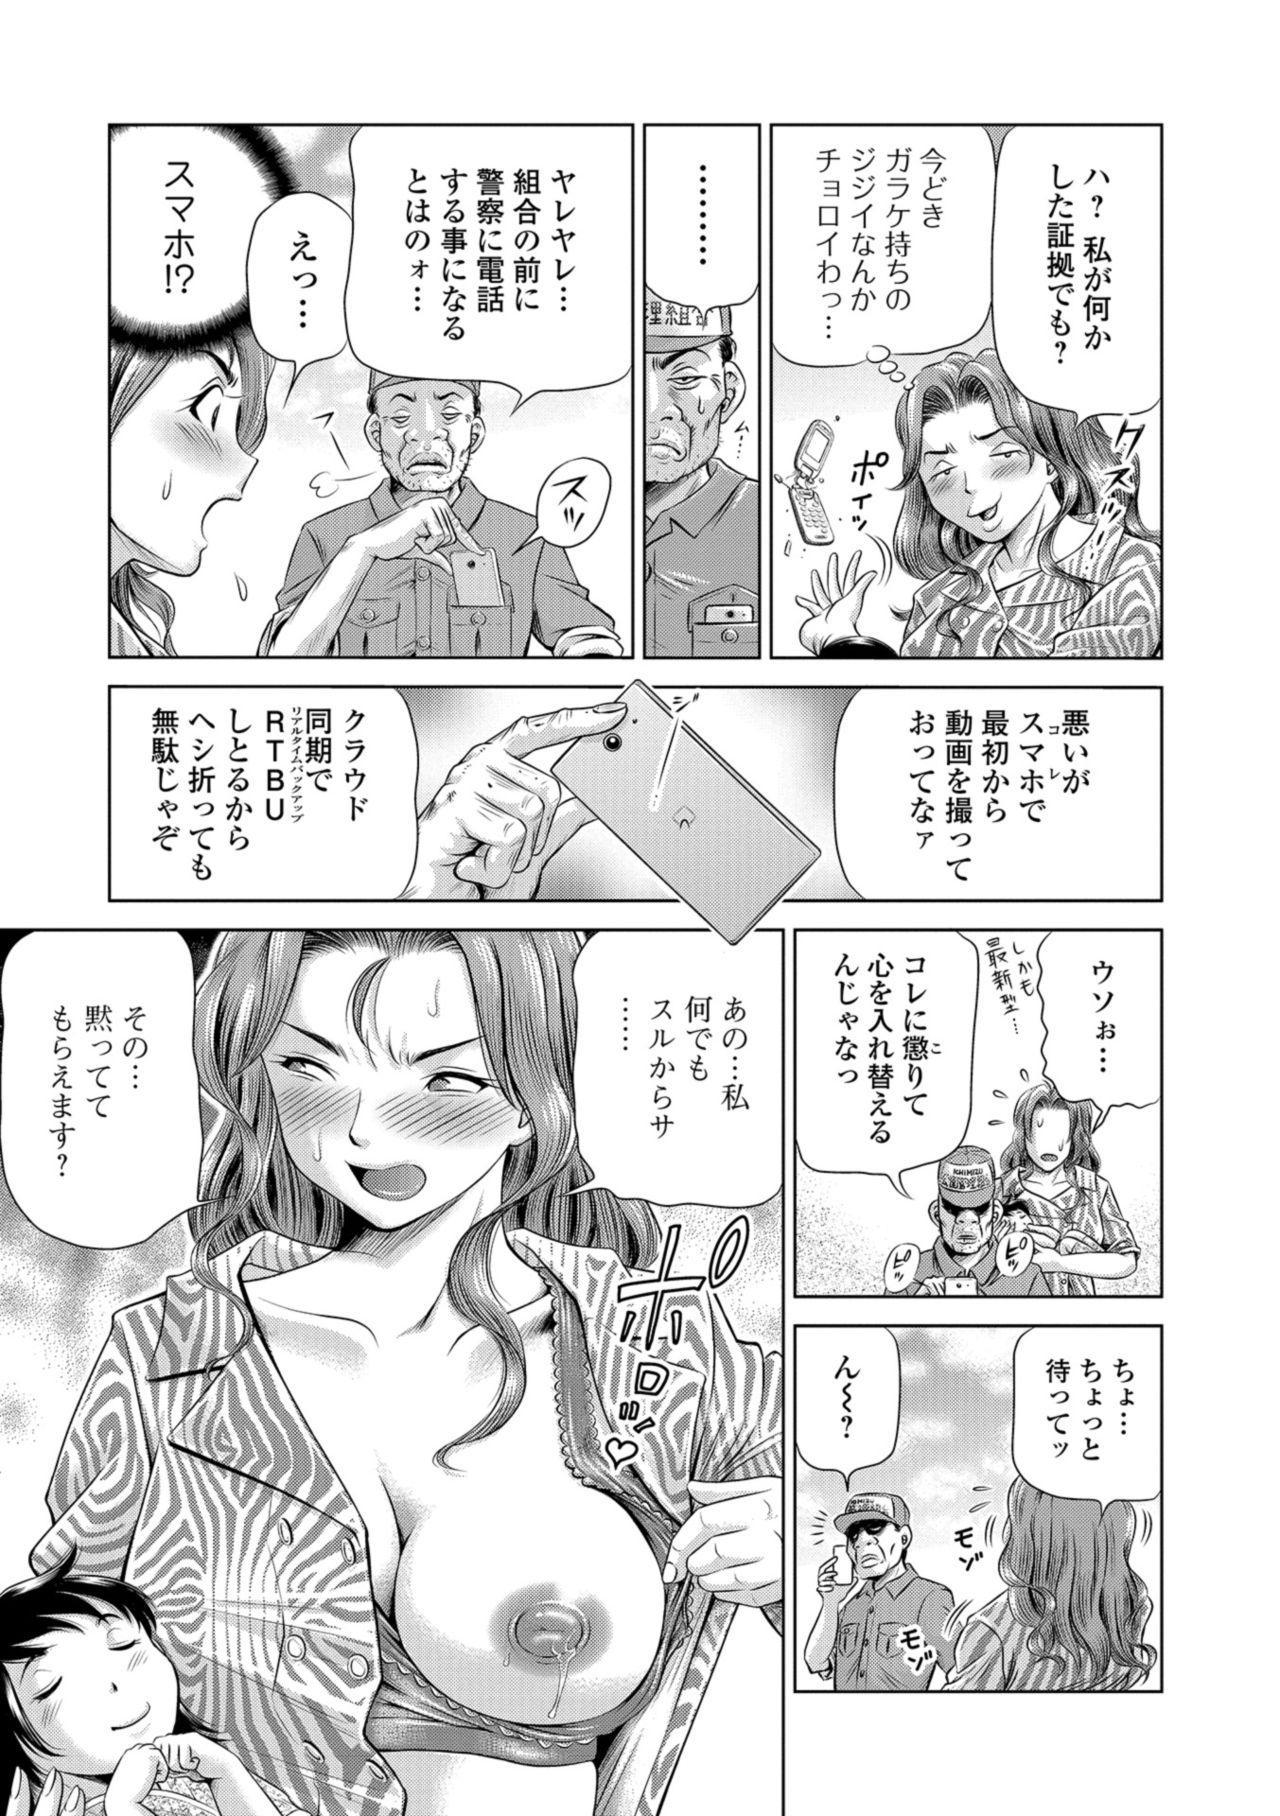 COMIC Mate Legend Vol. 24 2018-12 8